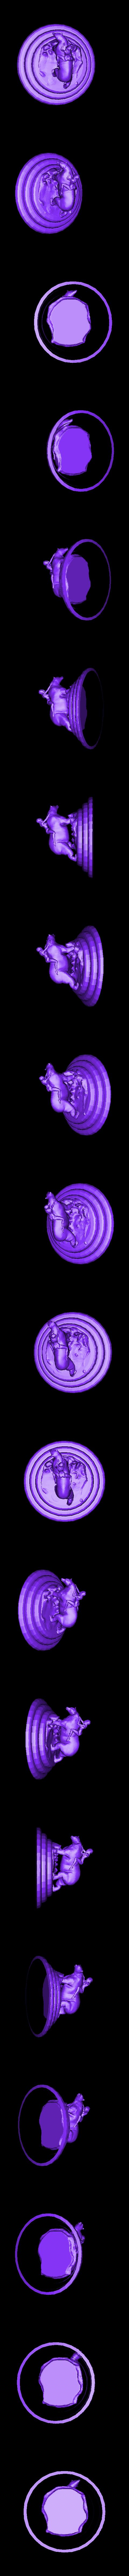 GirlOnABear.stl Télécharger fichier STL gratuit Fille sur un ours polaire • Objet imprimable en 3D, Boris3dStudio